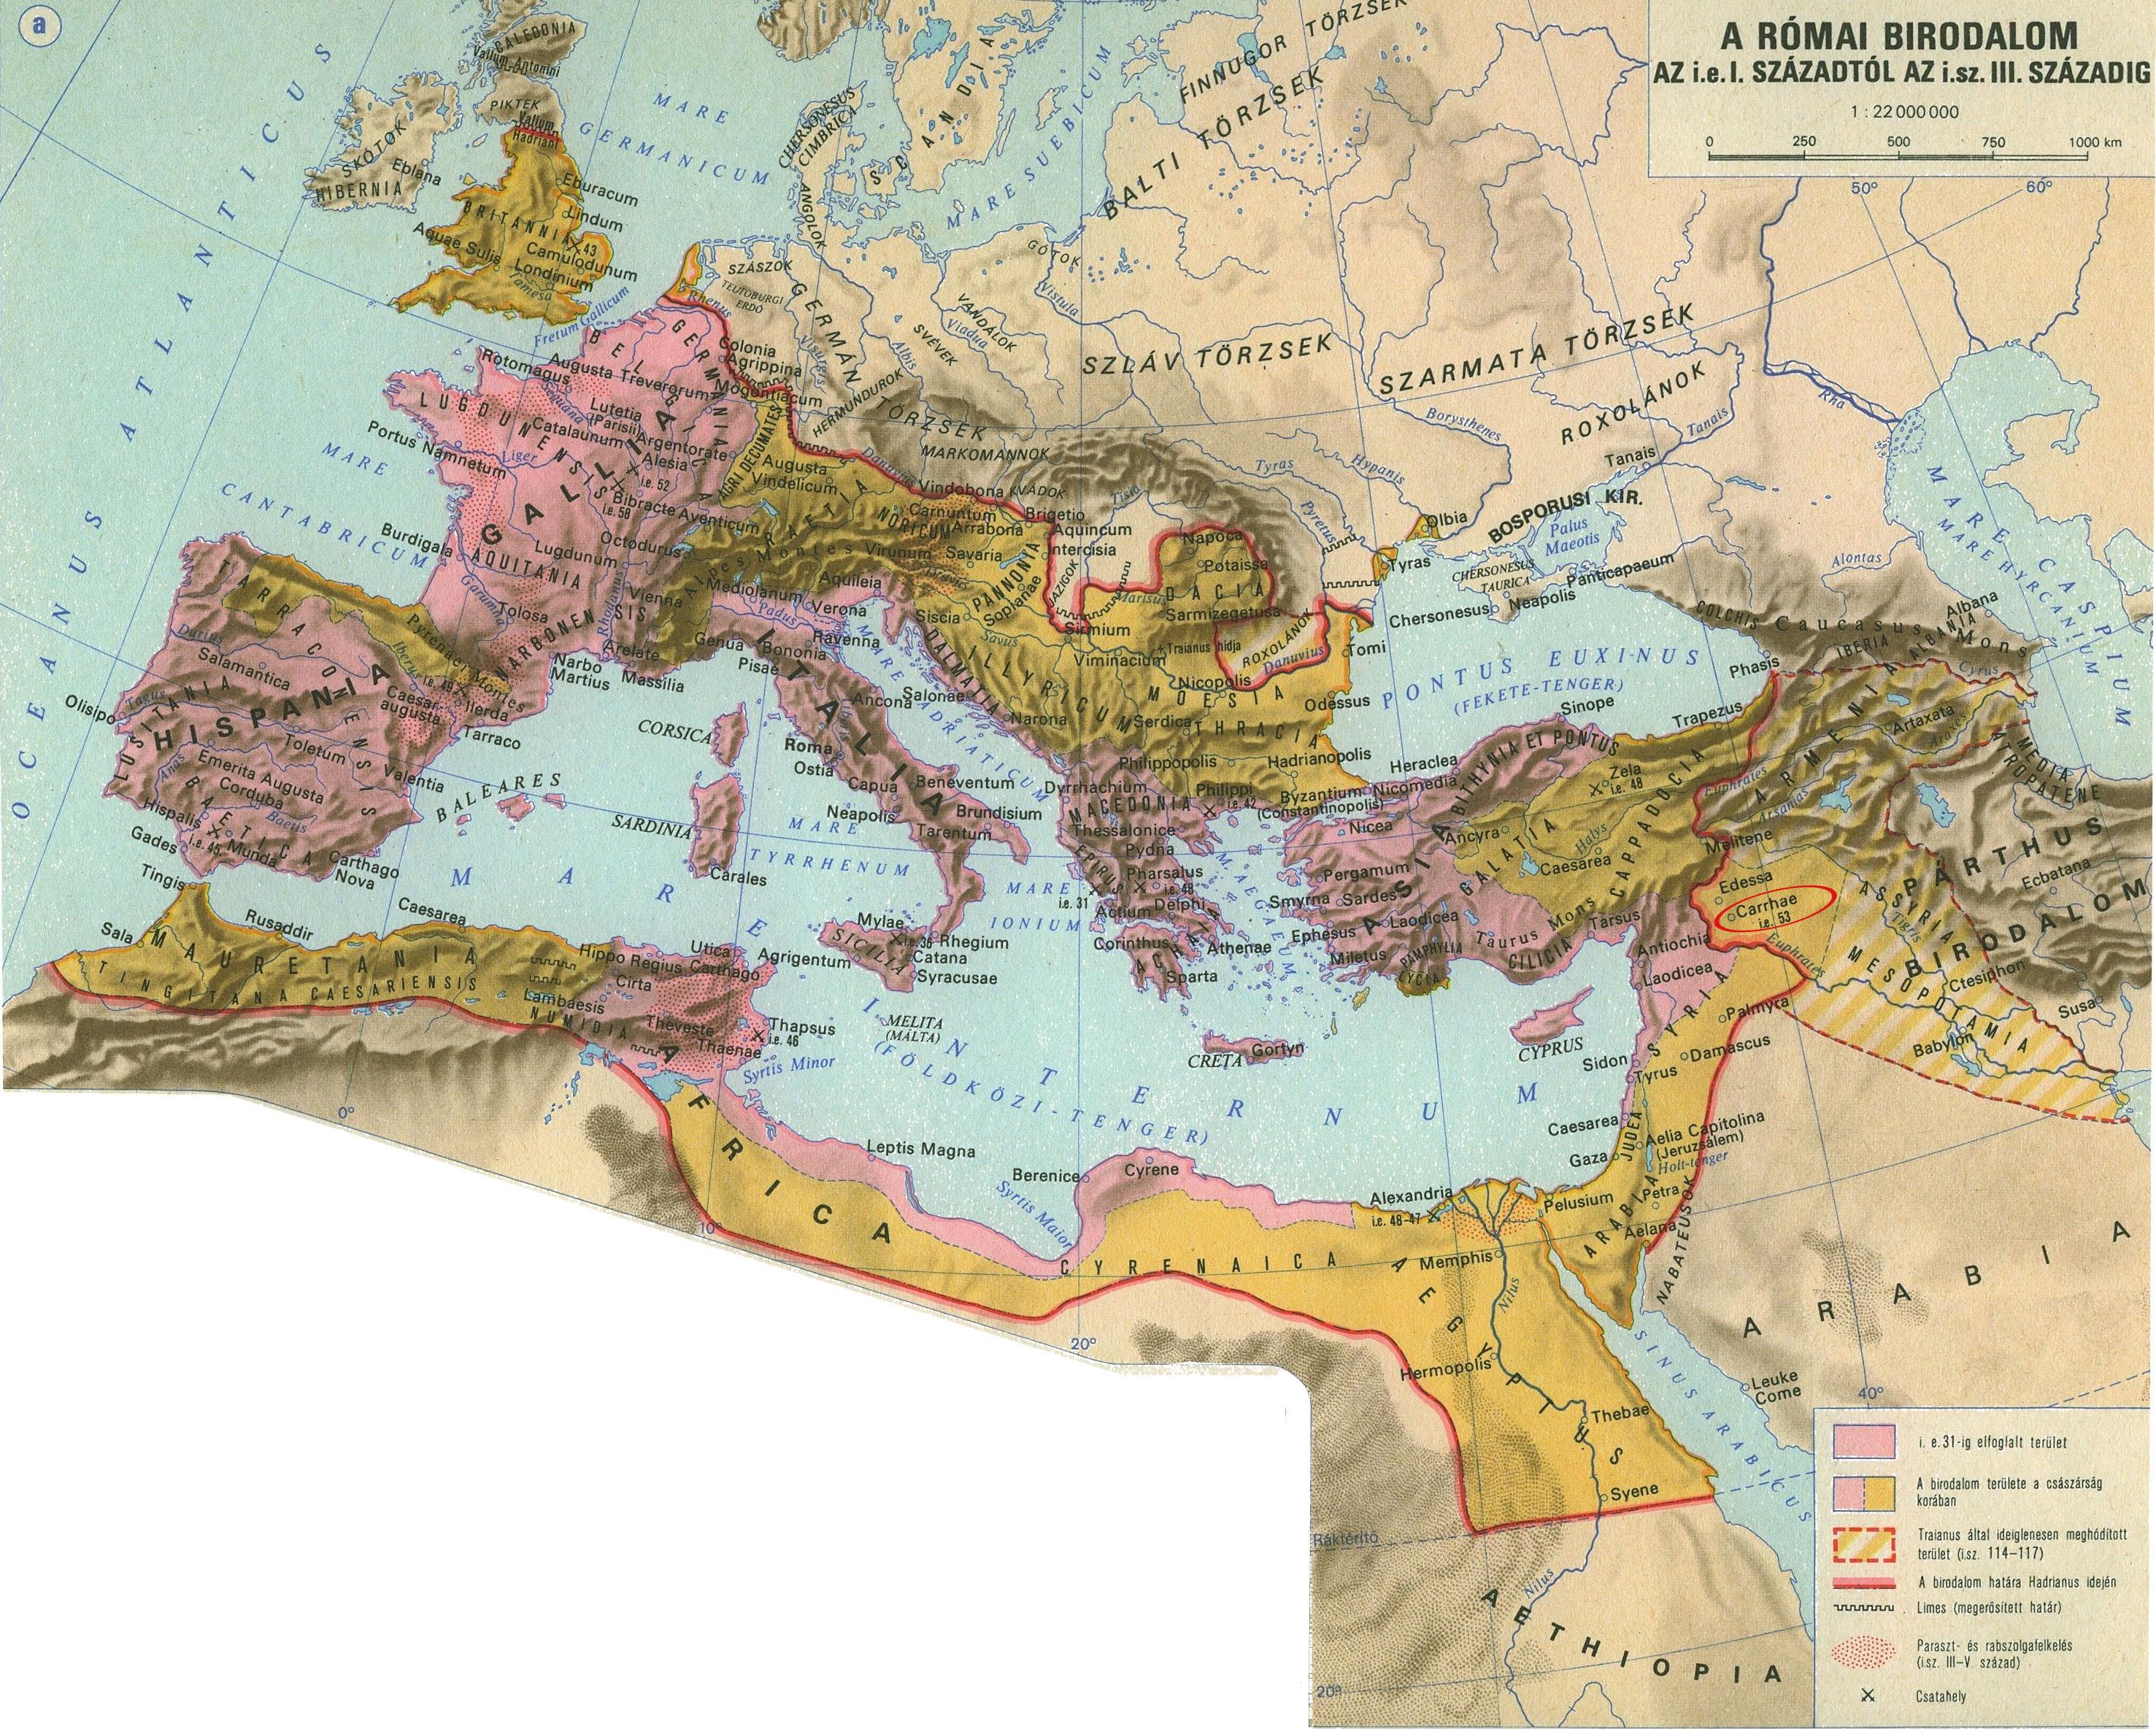 térképek a látáshoz, ahogy nevezik